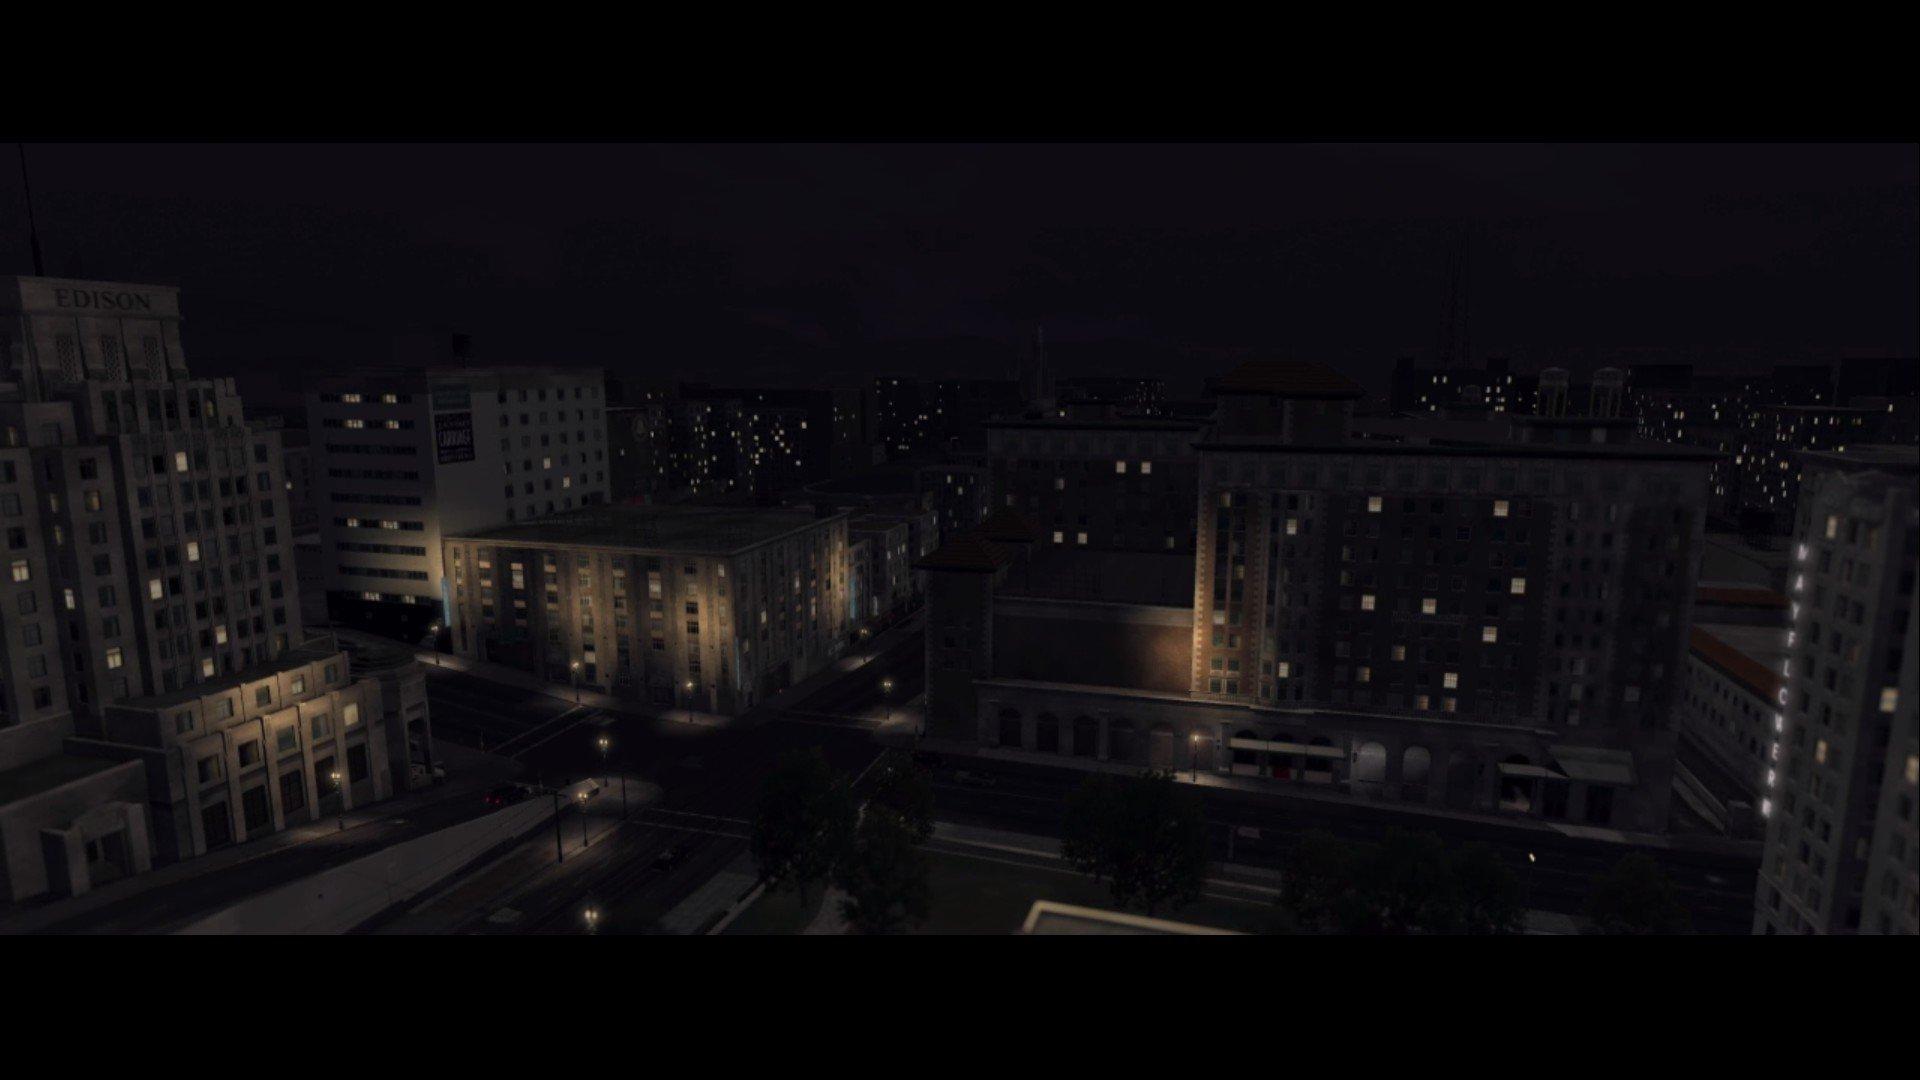 Пост-прохождение L.A. Noire Часть 1 НАЧАЛО!!!. - Изображение 5